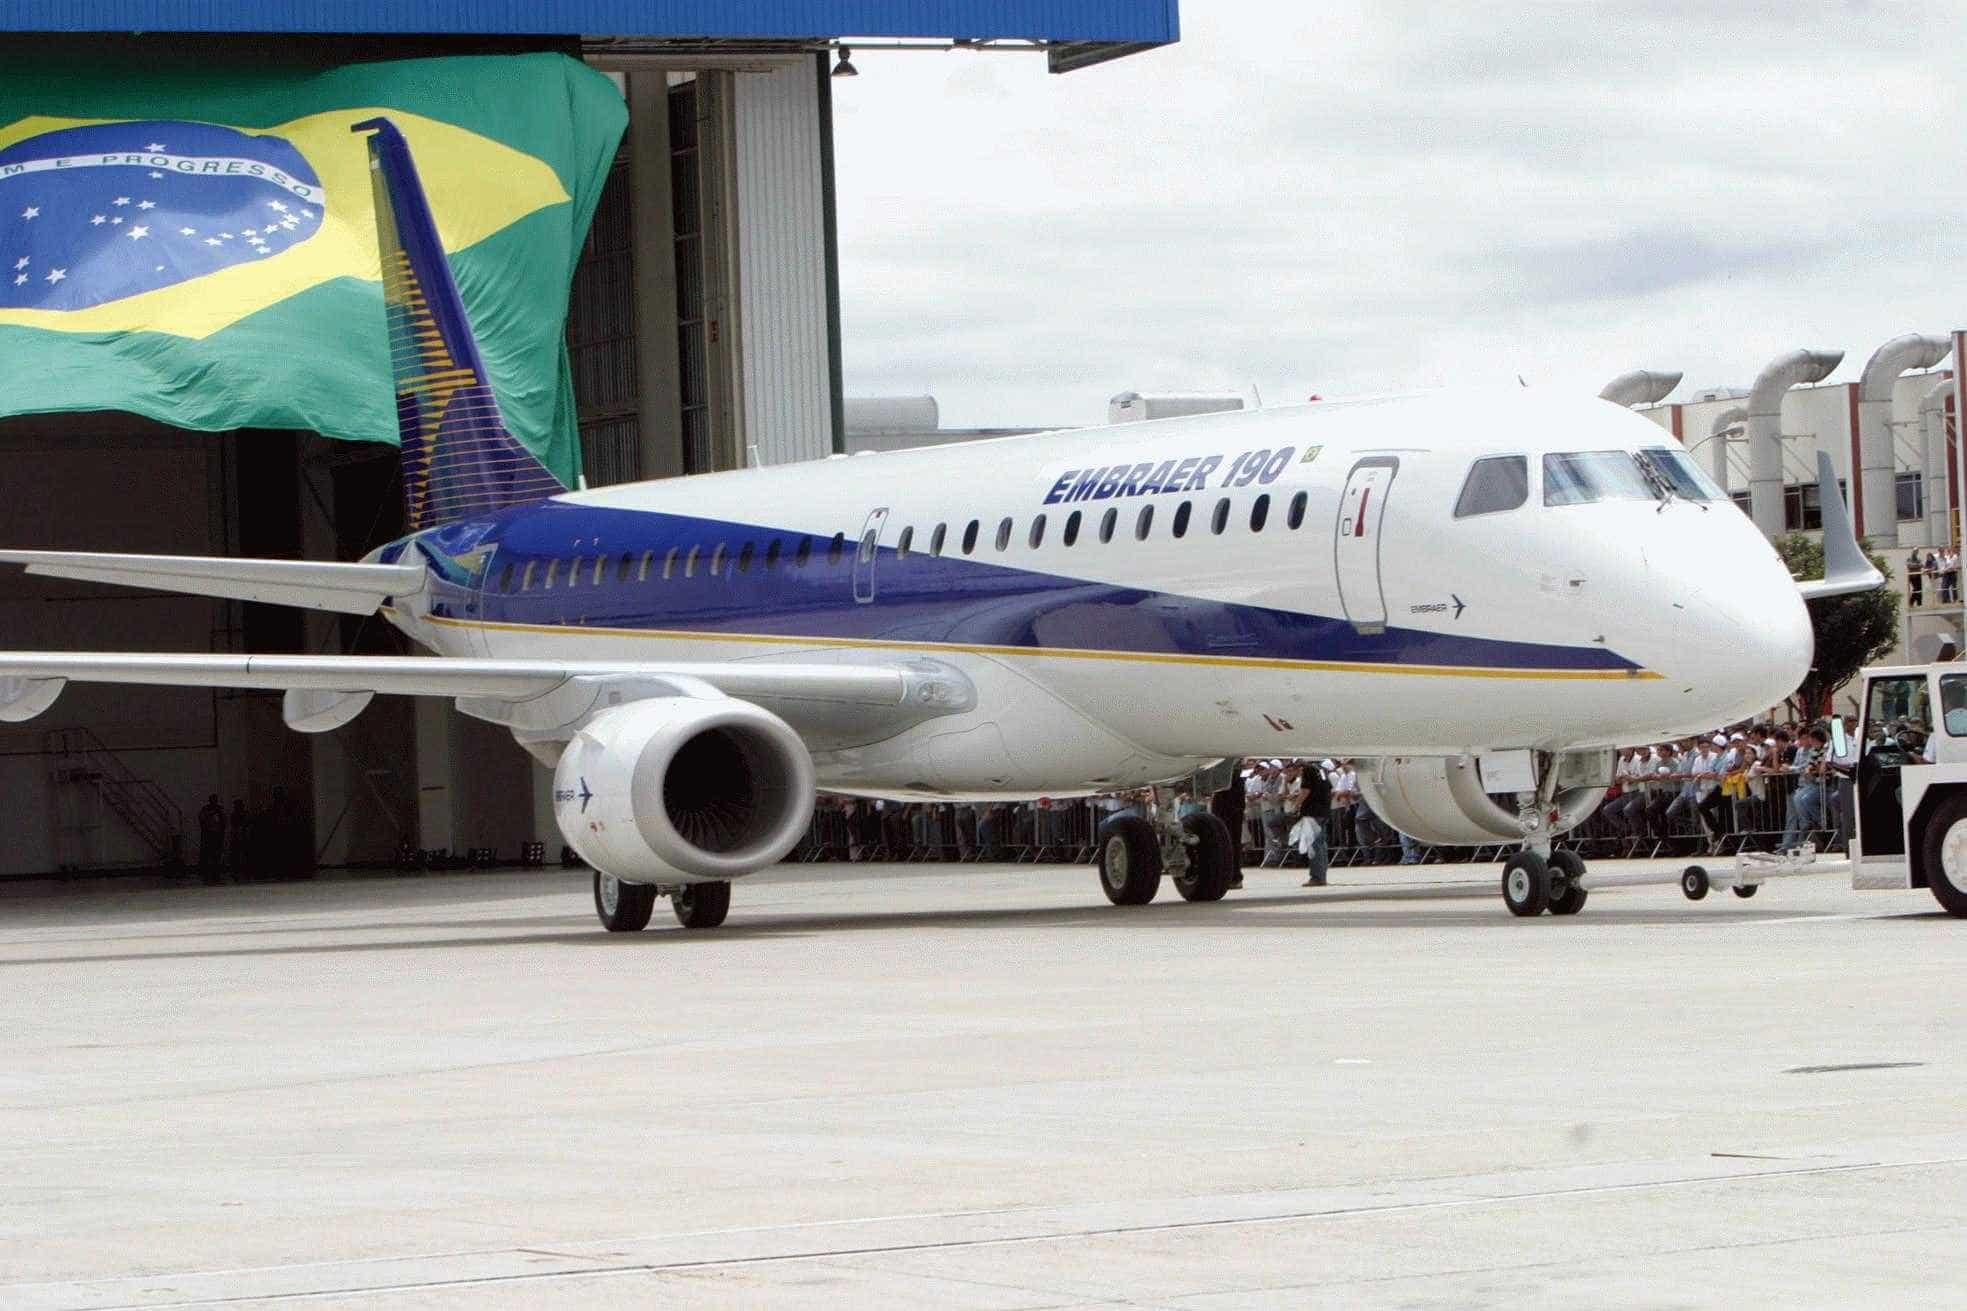 Justiça suspende assembleia da Embraer sobre fusão com Boeing